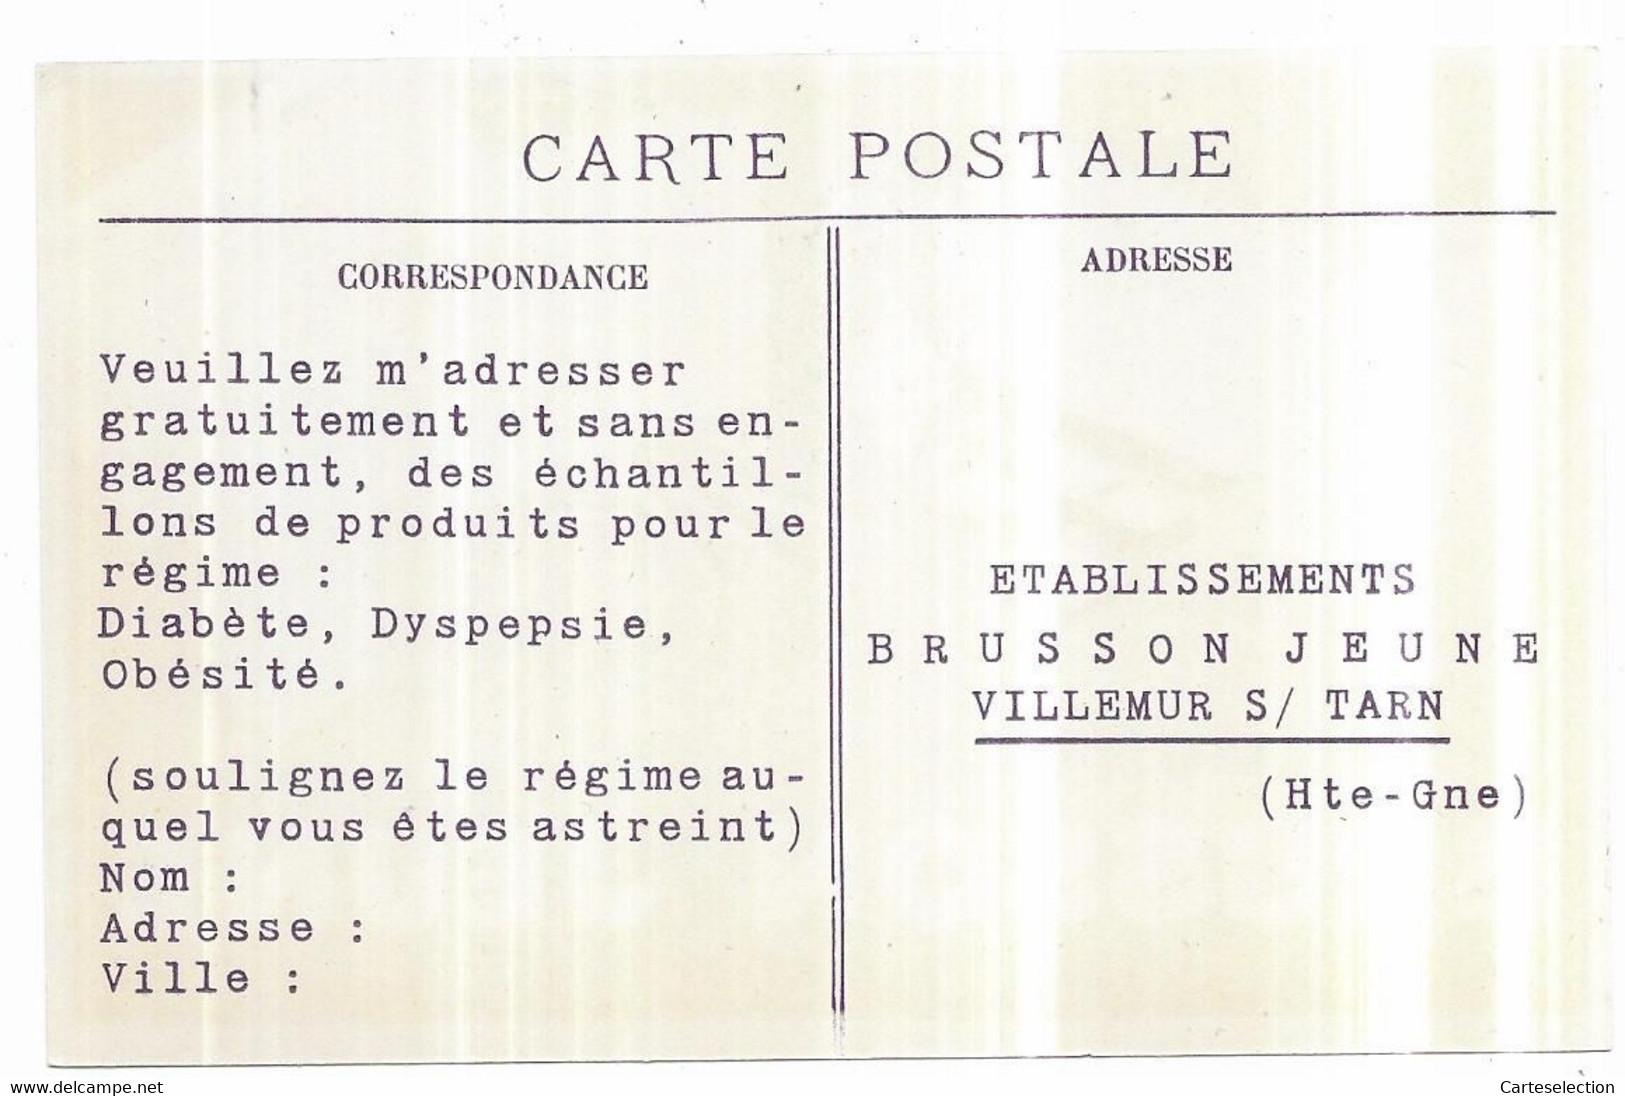 Villemur Publicité Brusson Jeune - Altri Comuni